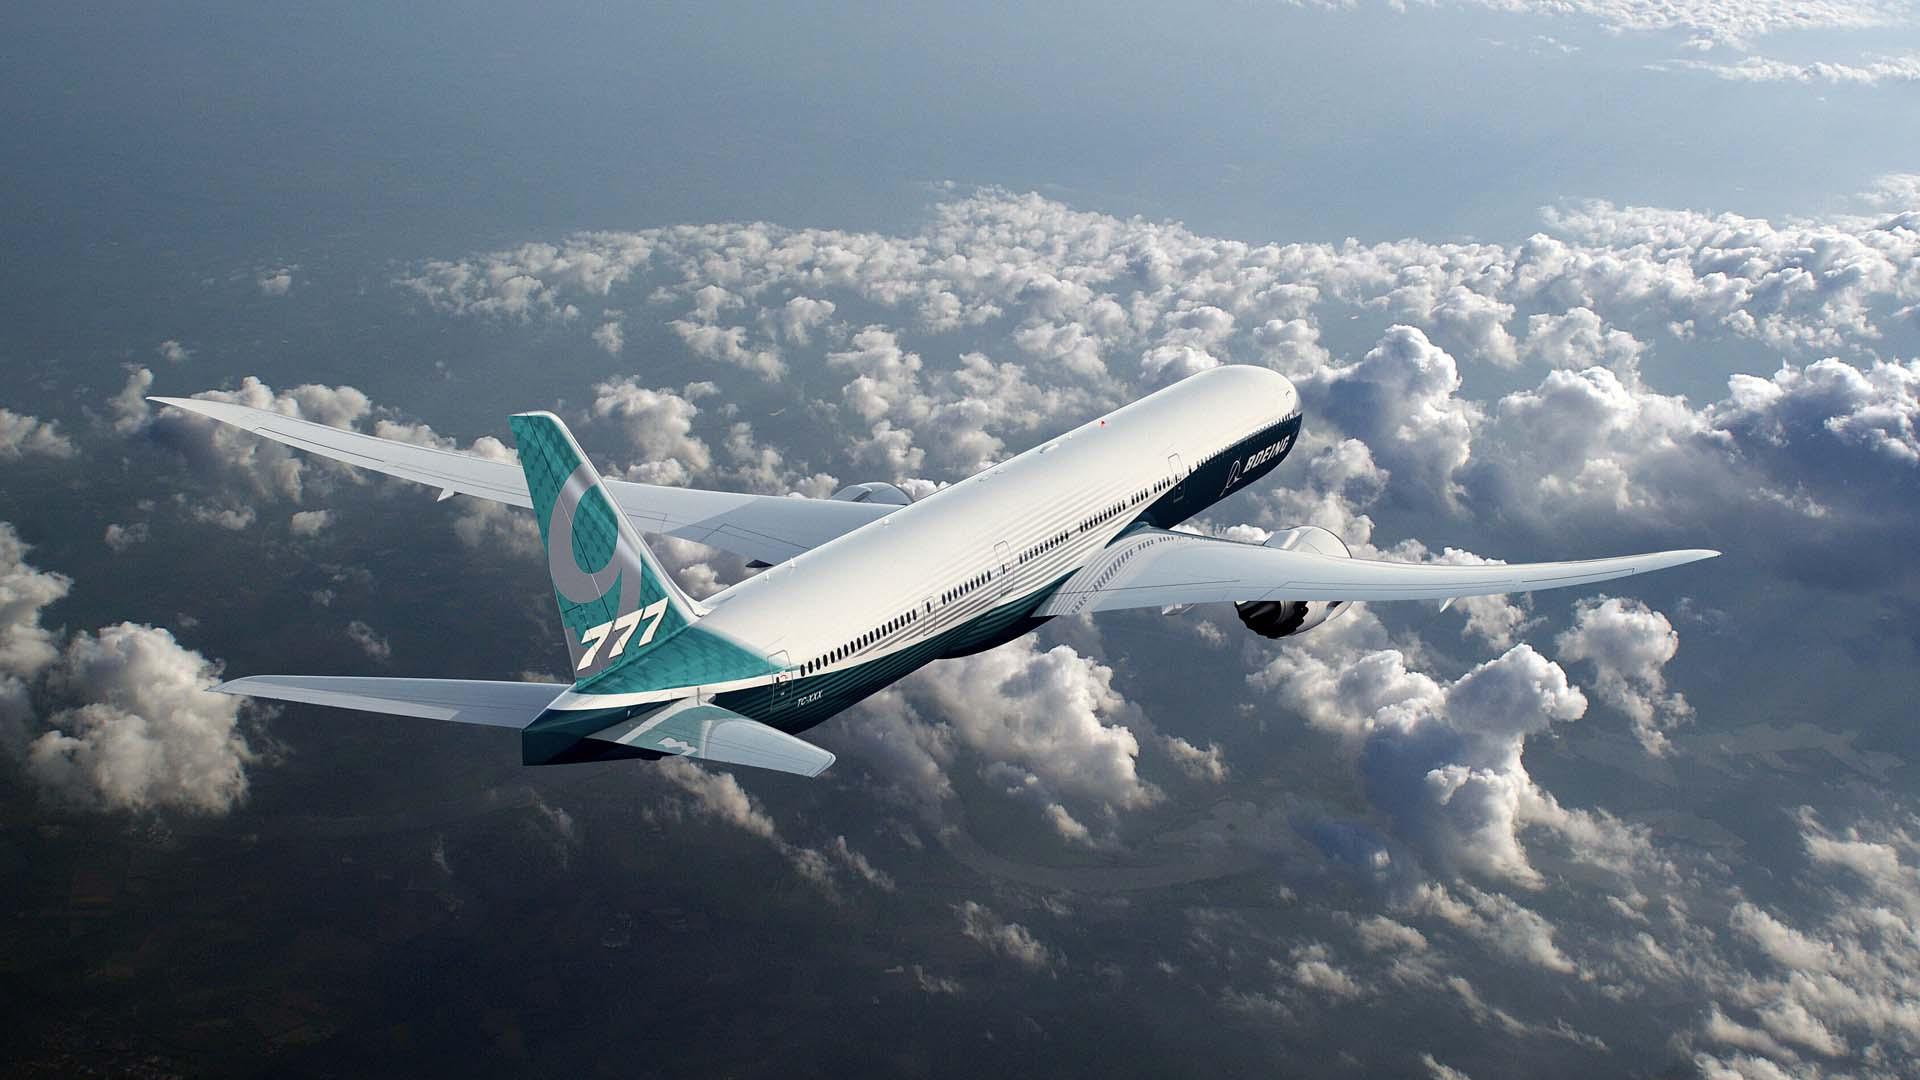 Uno de los directores de la aerolínea explicó que ofrecerán soluciones innovadoras de eficiencia operativa para todos los clientes